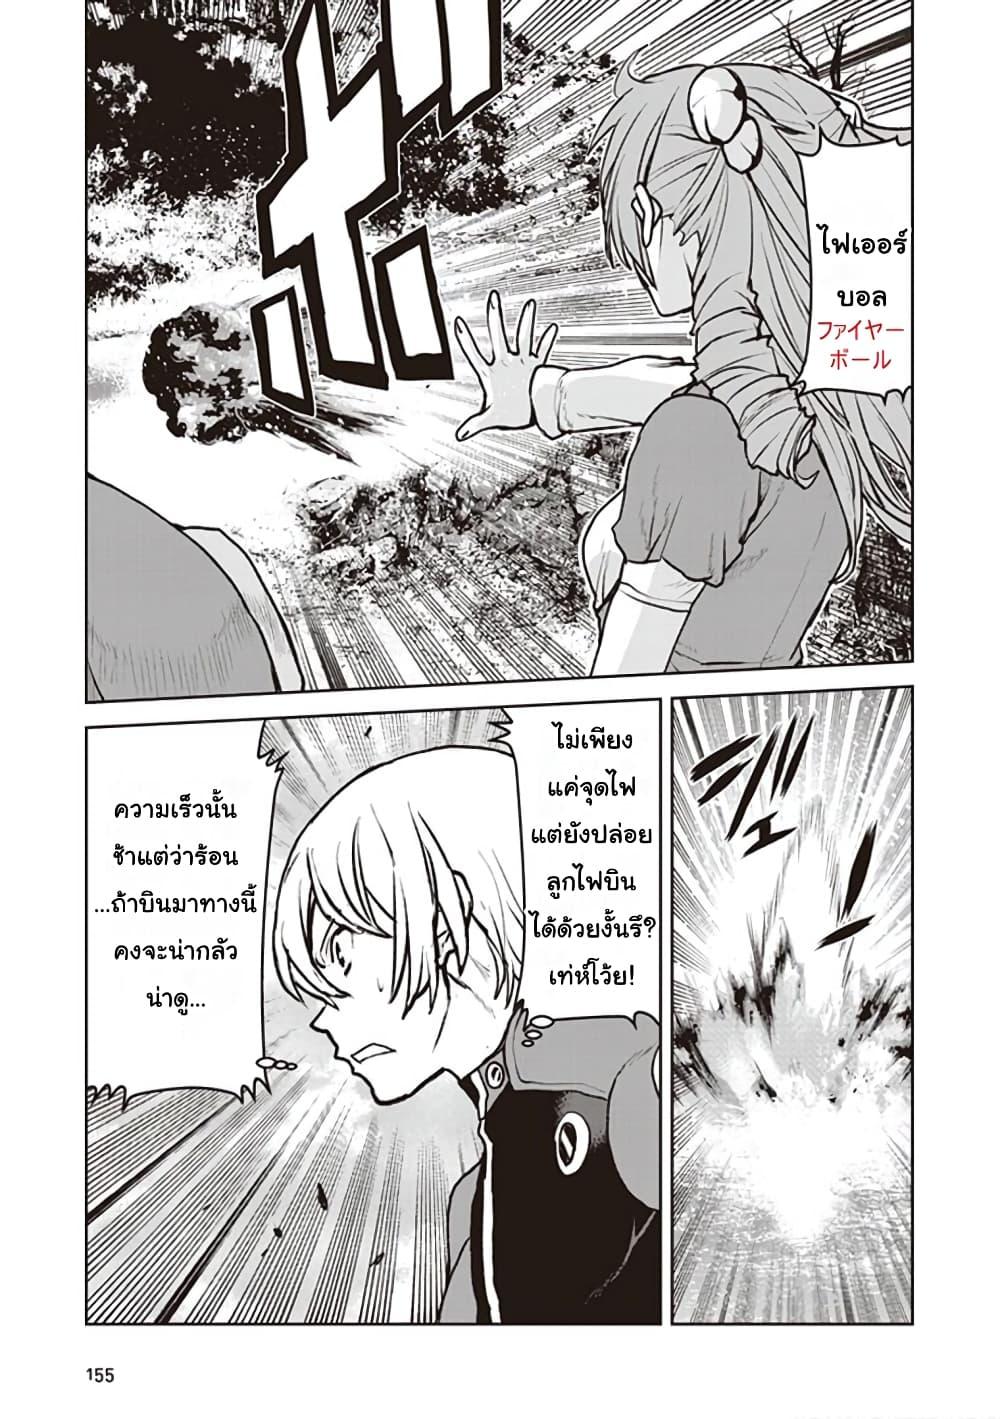 อ่านการ์ตูน The Galactic Navy Officer Becomes an Adventurer ตอนที่ 6 หน้าที่ 9